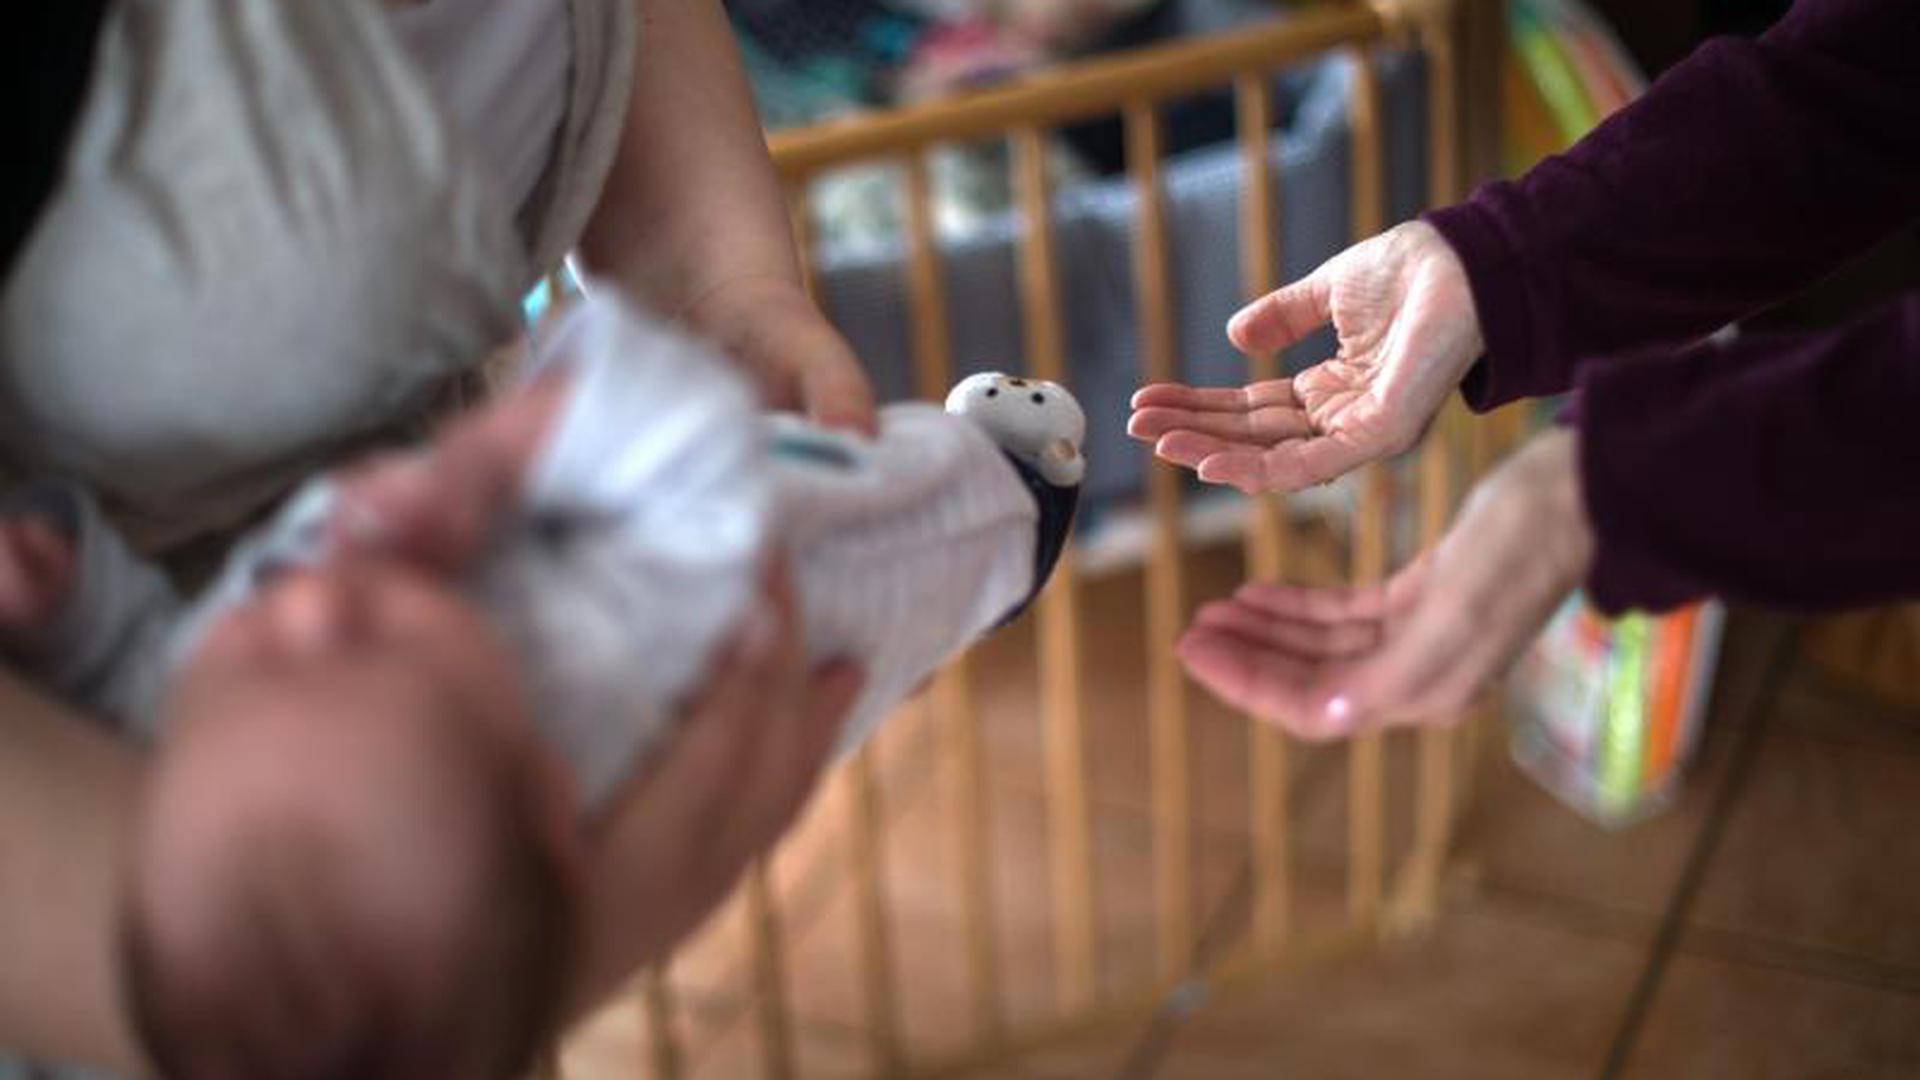 Hebamme lässt sich ein wenige Tage altes Kind überreichen